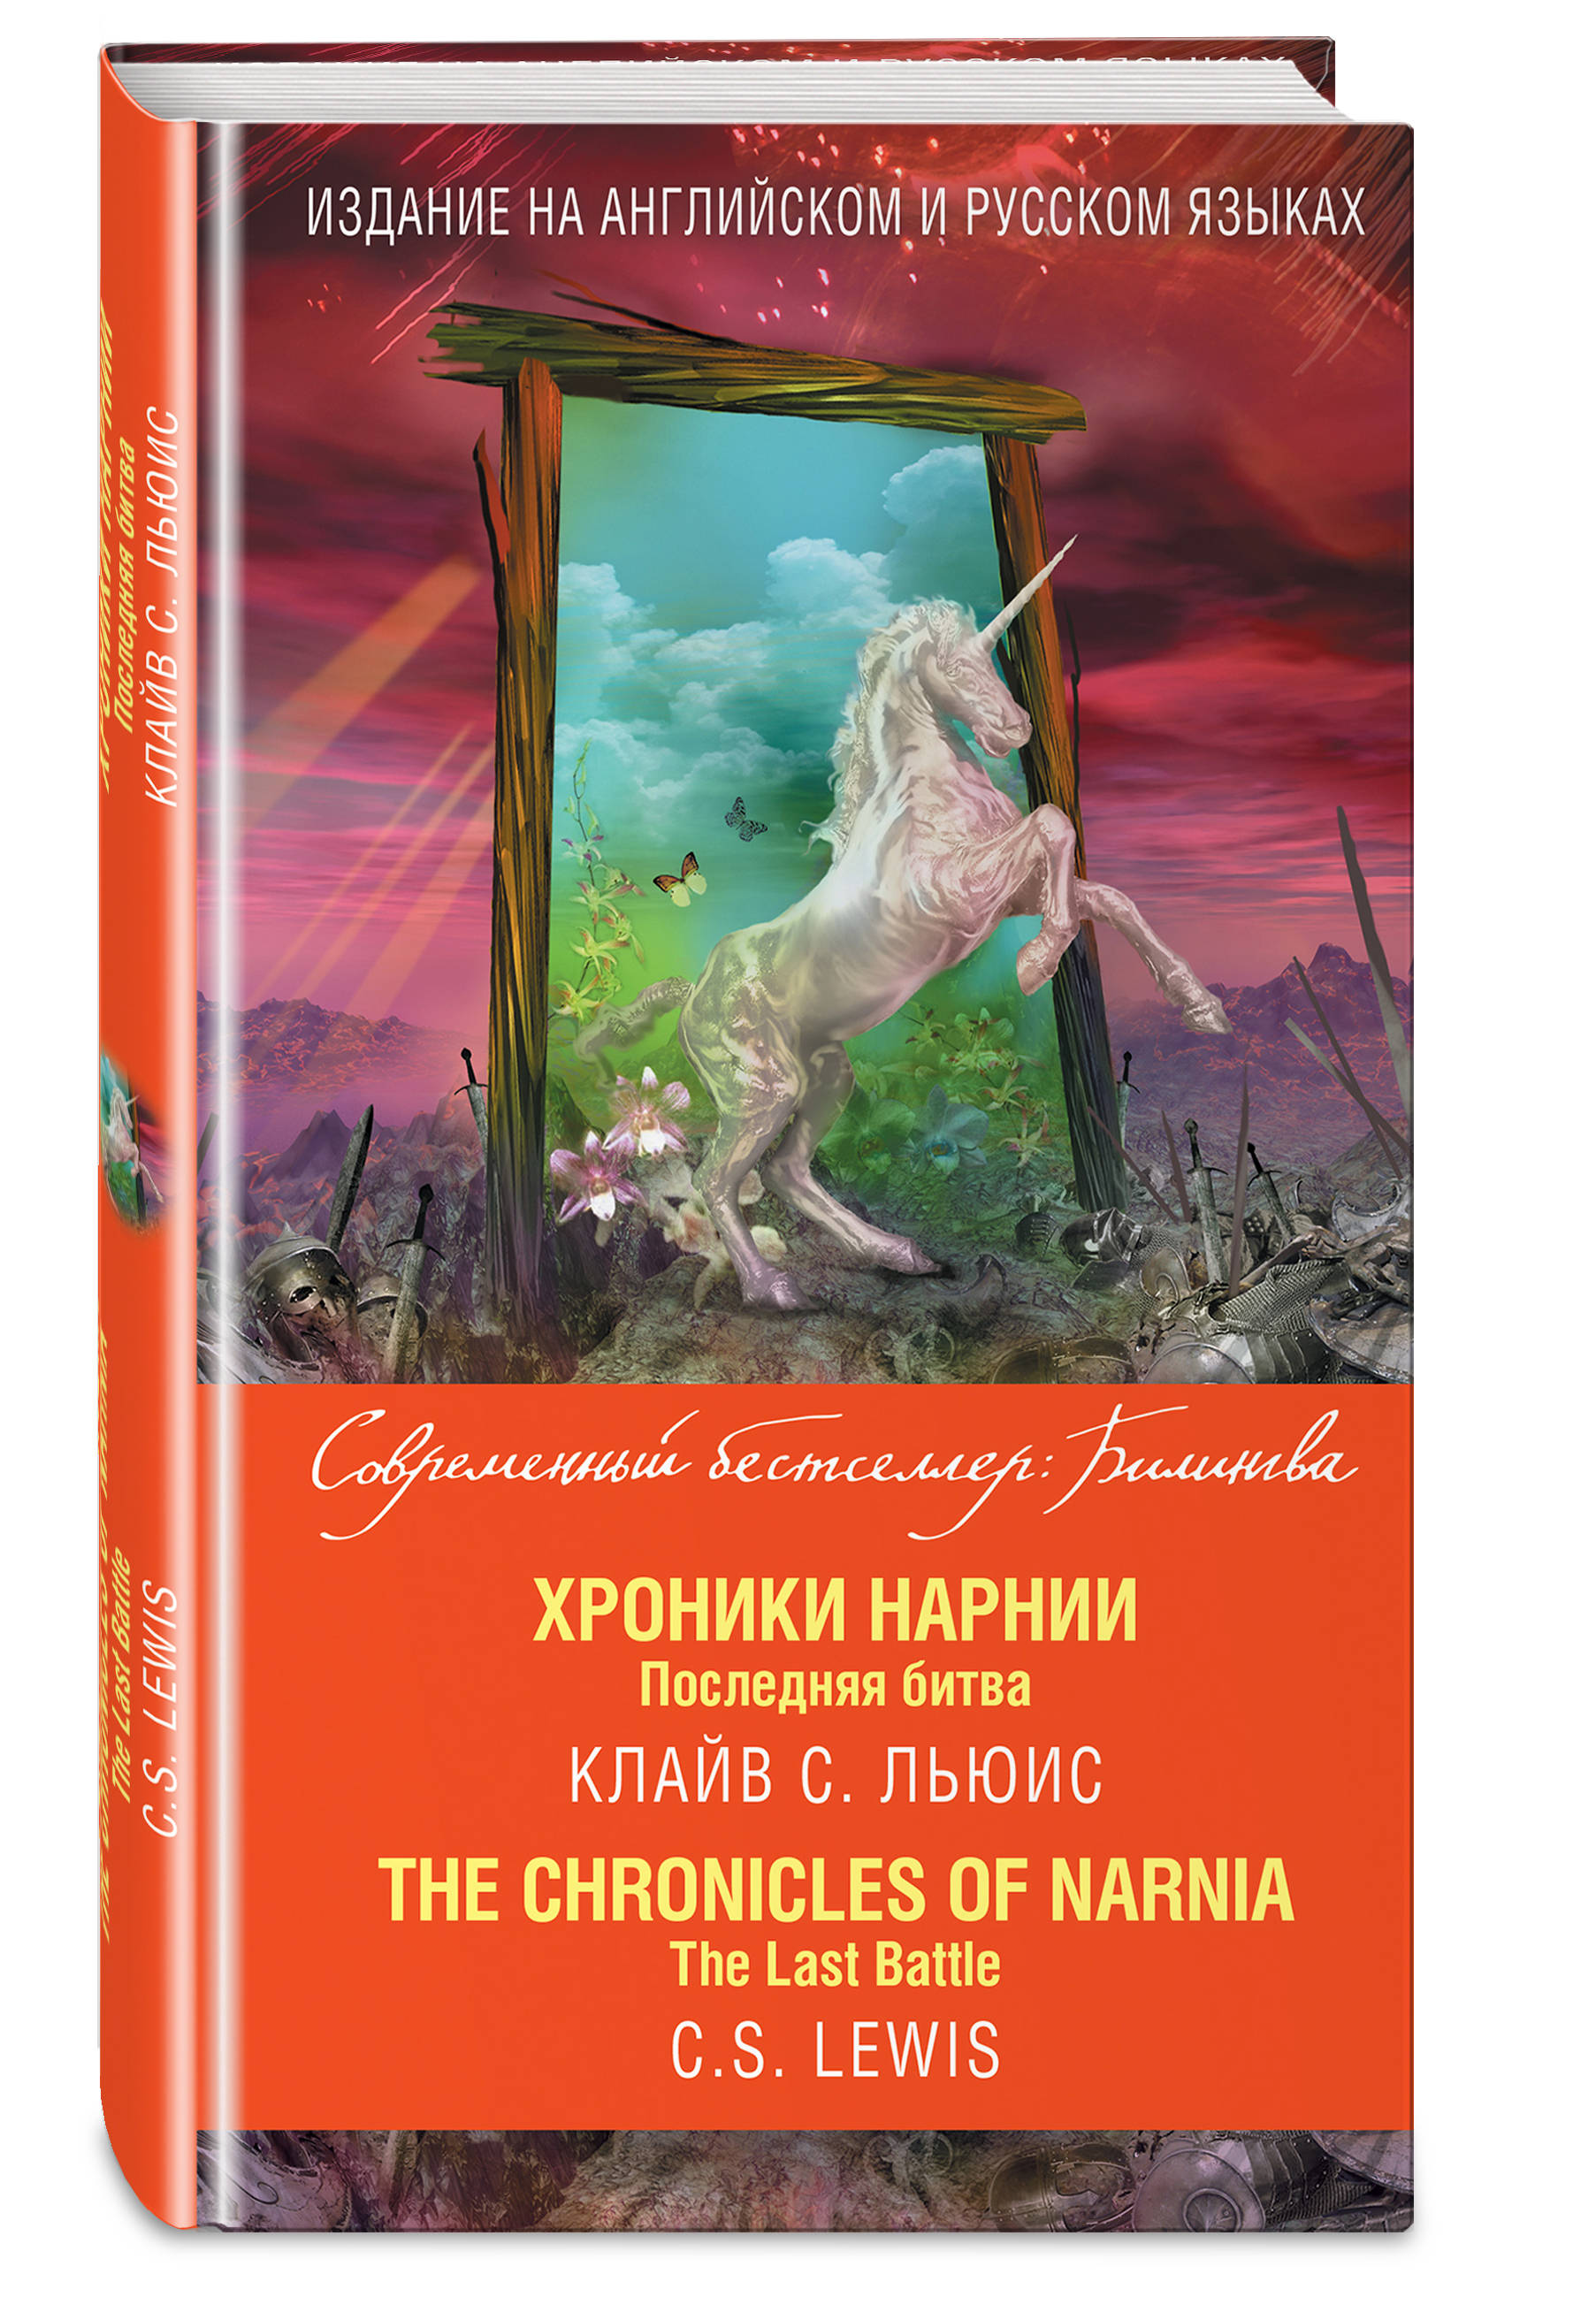 Клайв С. Льюис Хроники Нарнии. Последняя битва = The Chronicles of Narnia. The Last Battle chronicles of narnia last battle ned